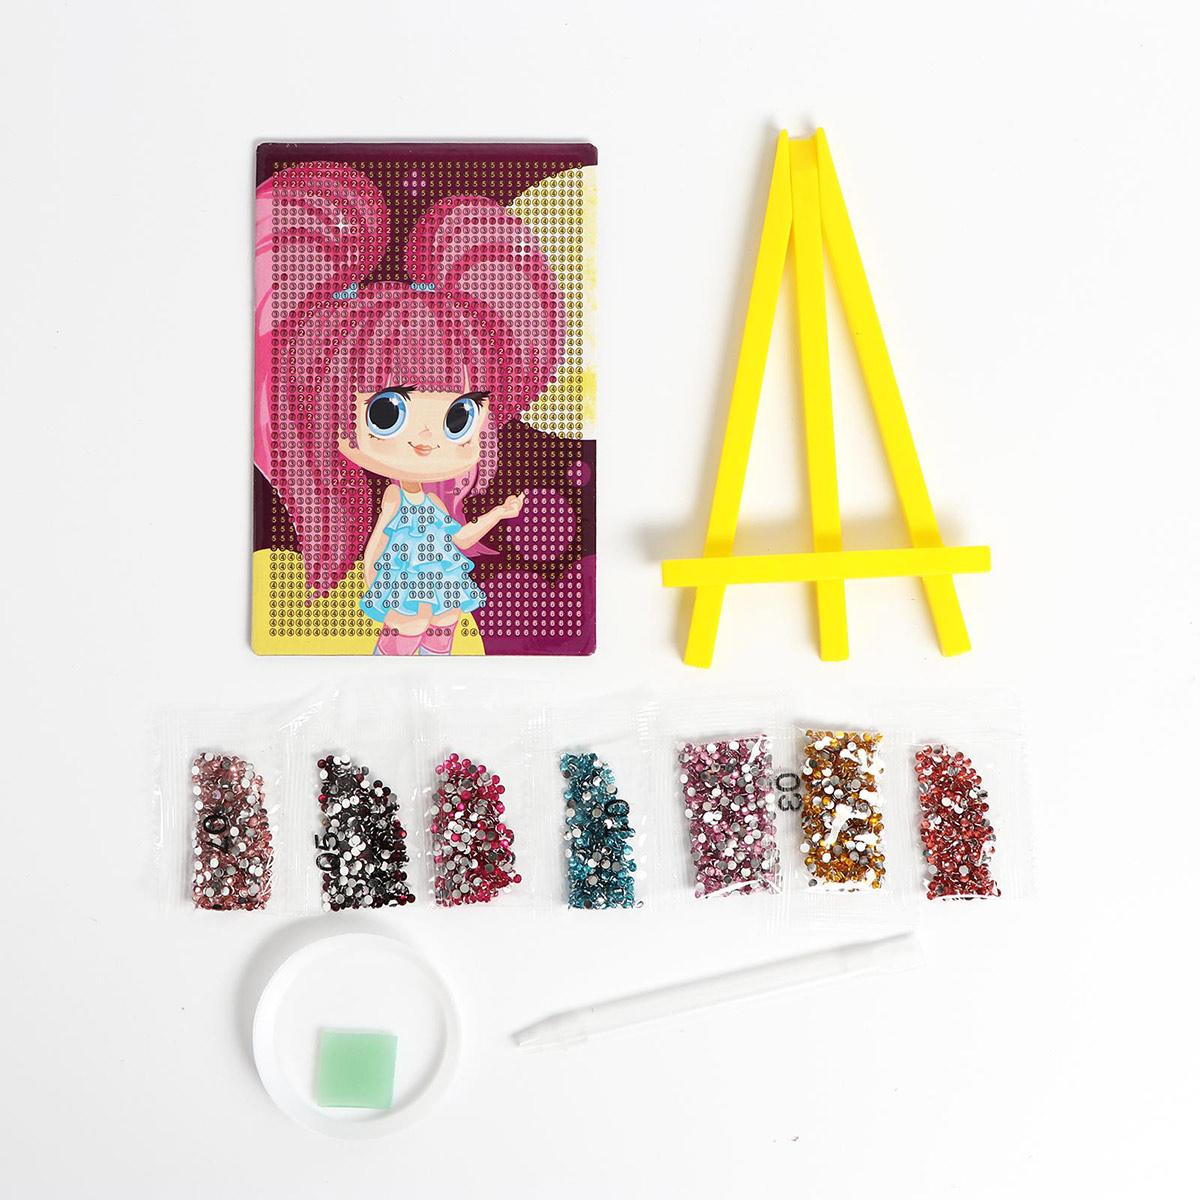 5094452 Алмазная мозаика для детей 'Милая девочка' + емкость, стержень с клеевой подушечкой